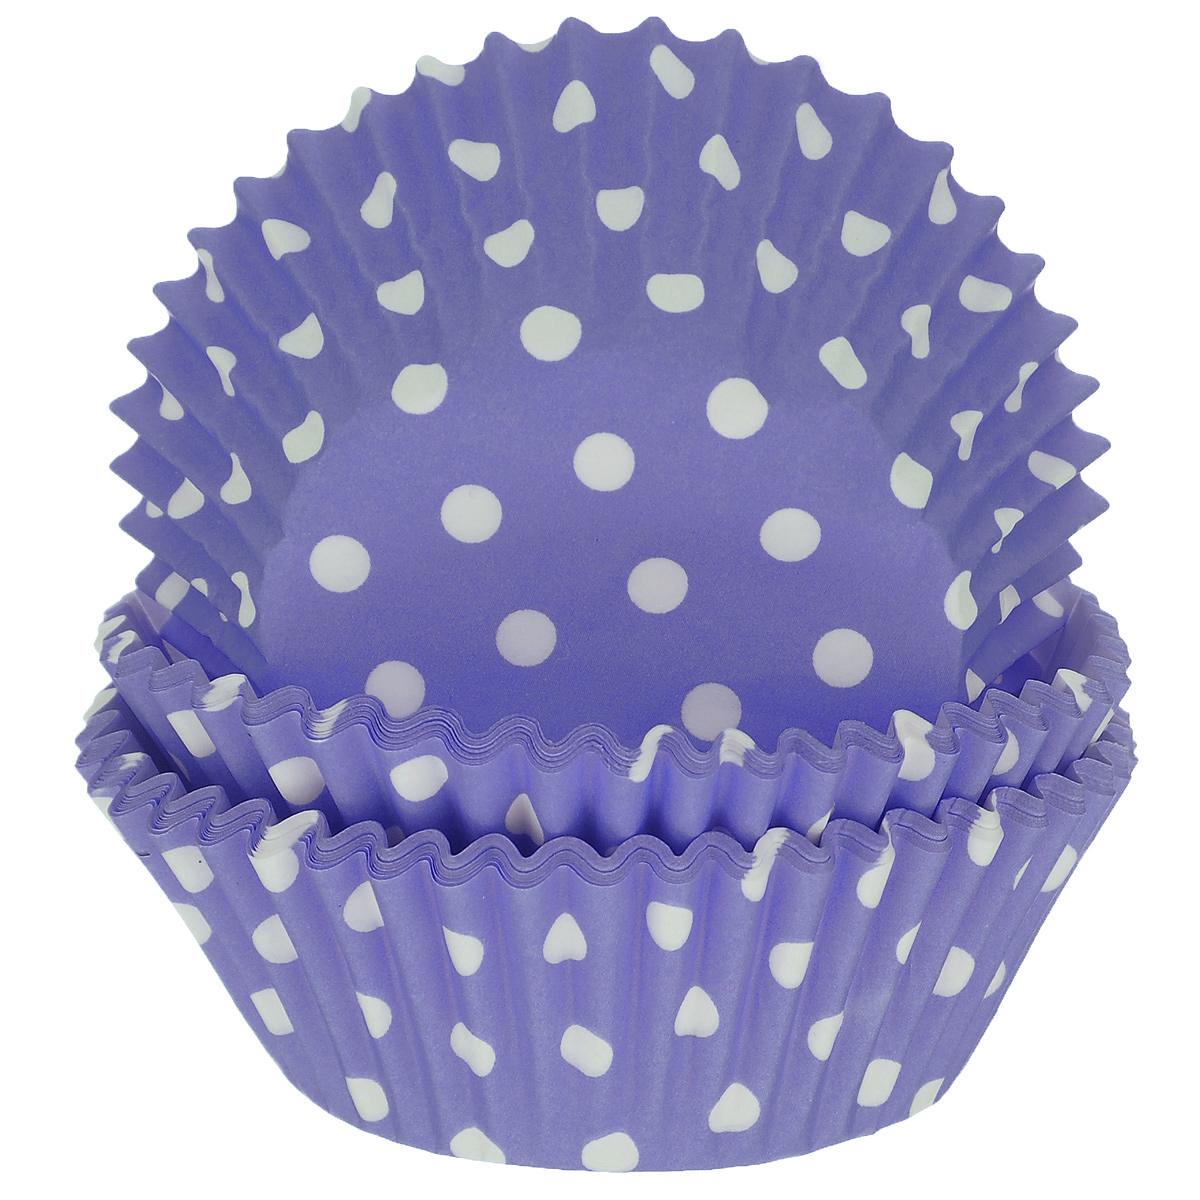 Набор бумажных форм для кексов Dolce Arti Горошек, цвет: фиолетовый, диаметр 7 см, 50 штDA080209Набор Dolce Arti Горошек состоит из 50 бумажных форм для кексов, оформленных принтом в горох. Они предназначены для выпечки и упаковки кондитерских изделий, также могут использоваться для сервировки орешков, конфет и много другого. Для одноразового применения. Гофрированные бумажные формы идеальны для выпечки кексов, булочек и пирожных. Высота стенки: 3 см. Диаметр (по верхнему краю): 7 см. Диаметр дна: 5 см.